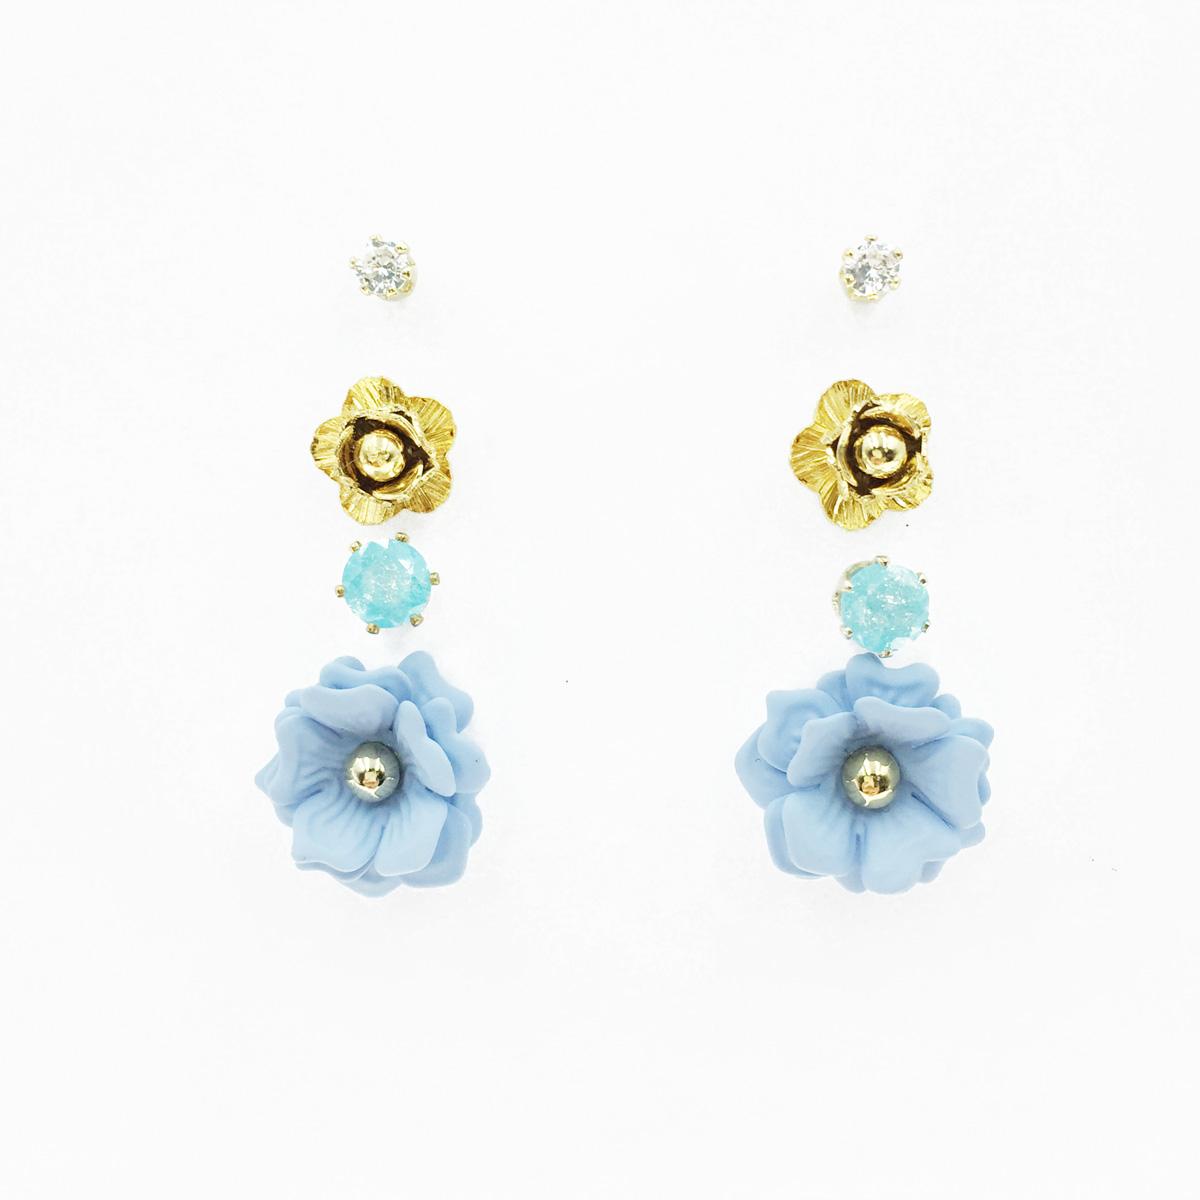 韓國 花朵 藍花 水鑽 爪鑽 多入組 耳針式耳環